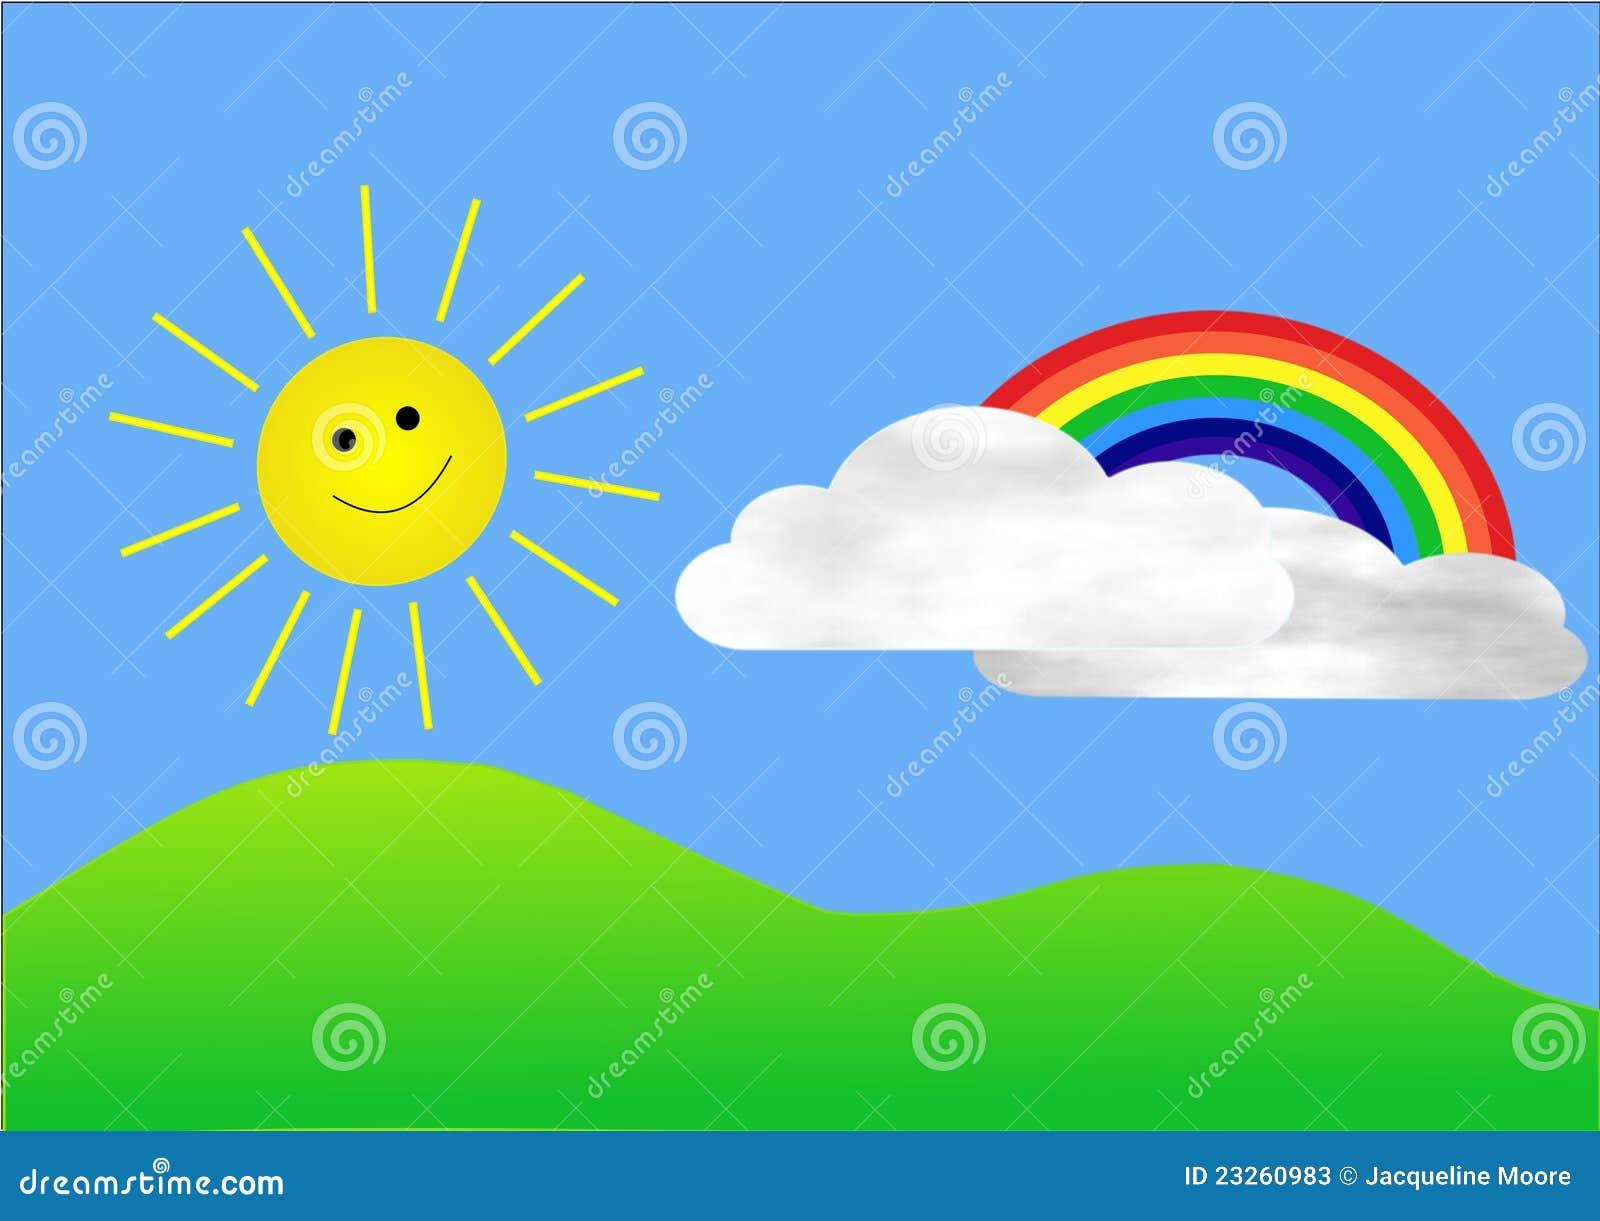 этого многофункционального картинка тучка солнце радуга птичка дверях шкафа